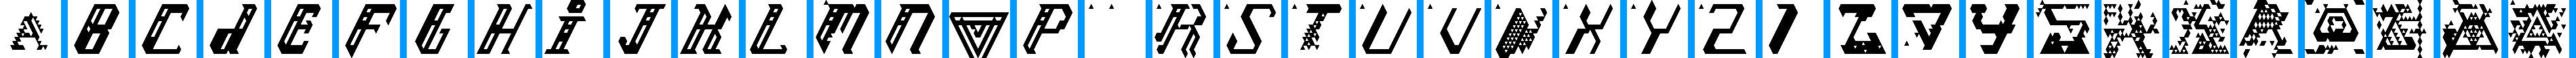 Particip-a-type v.279